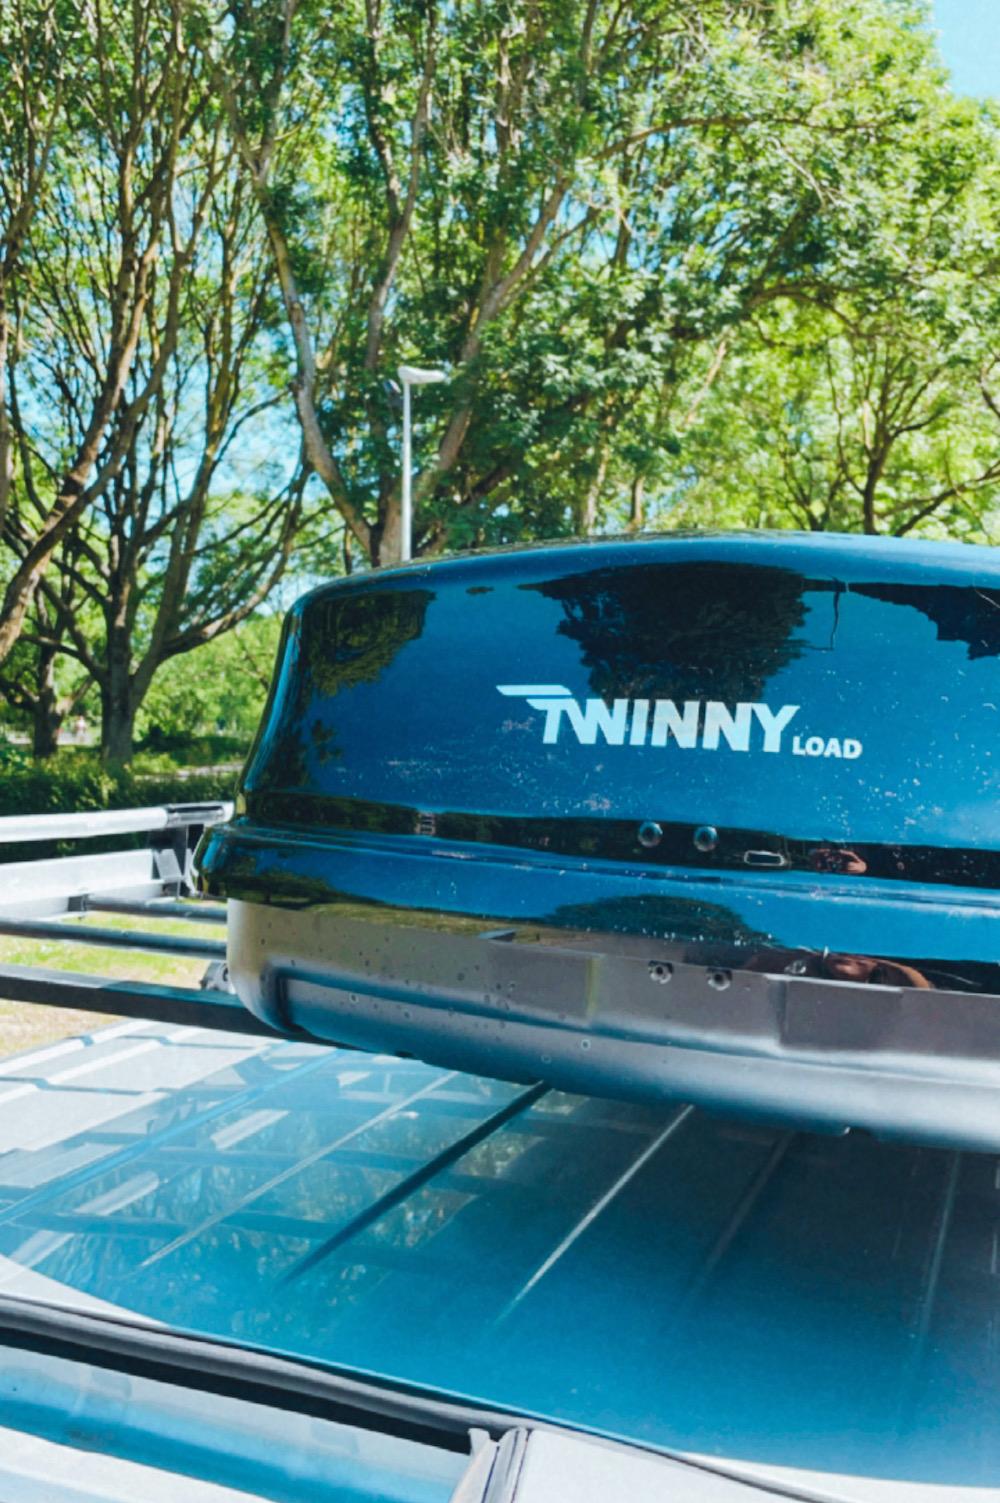 twinny load op imperiaal camper